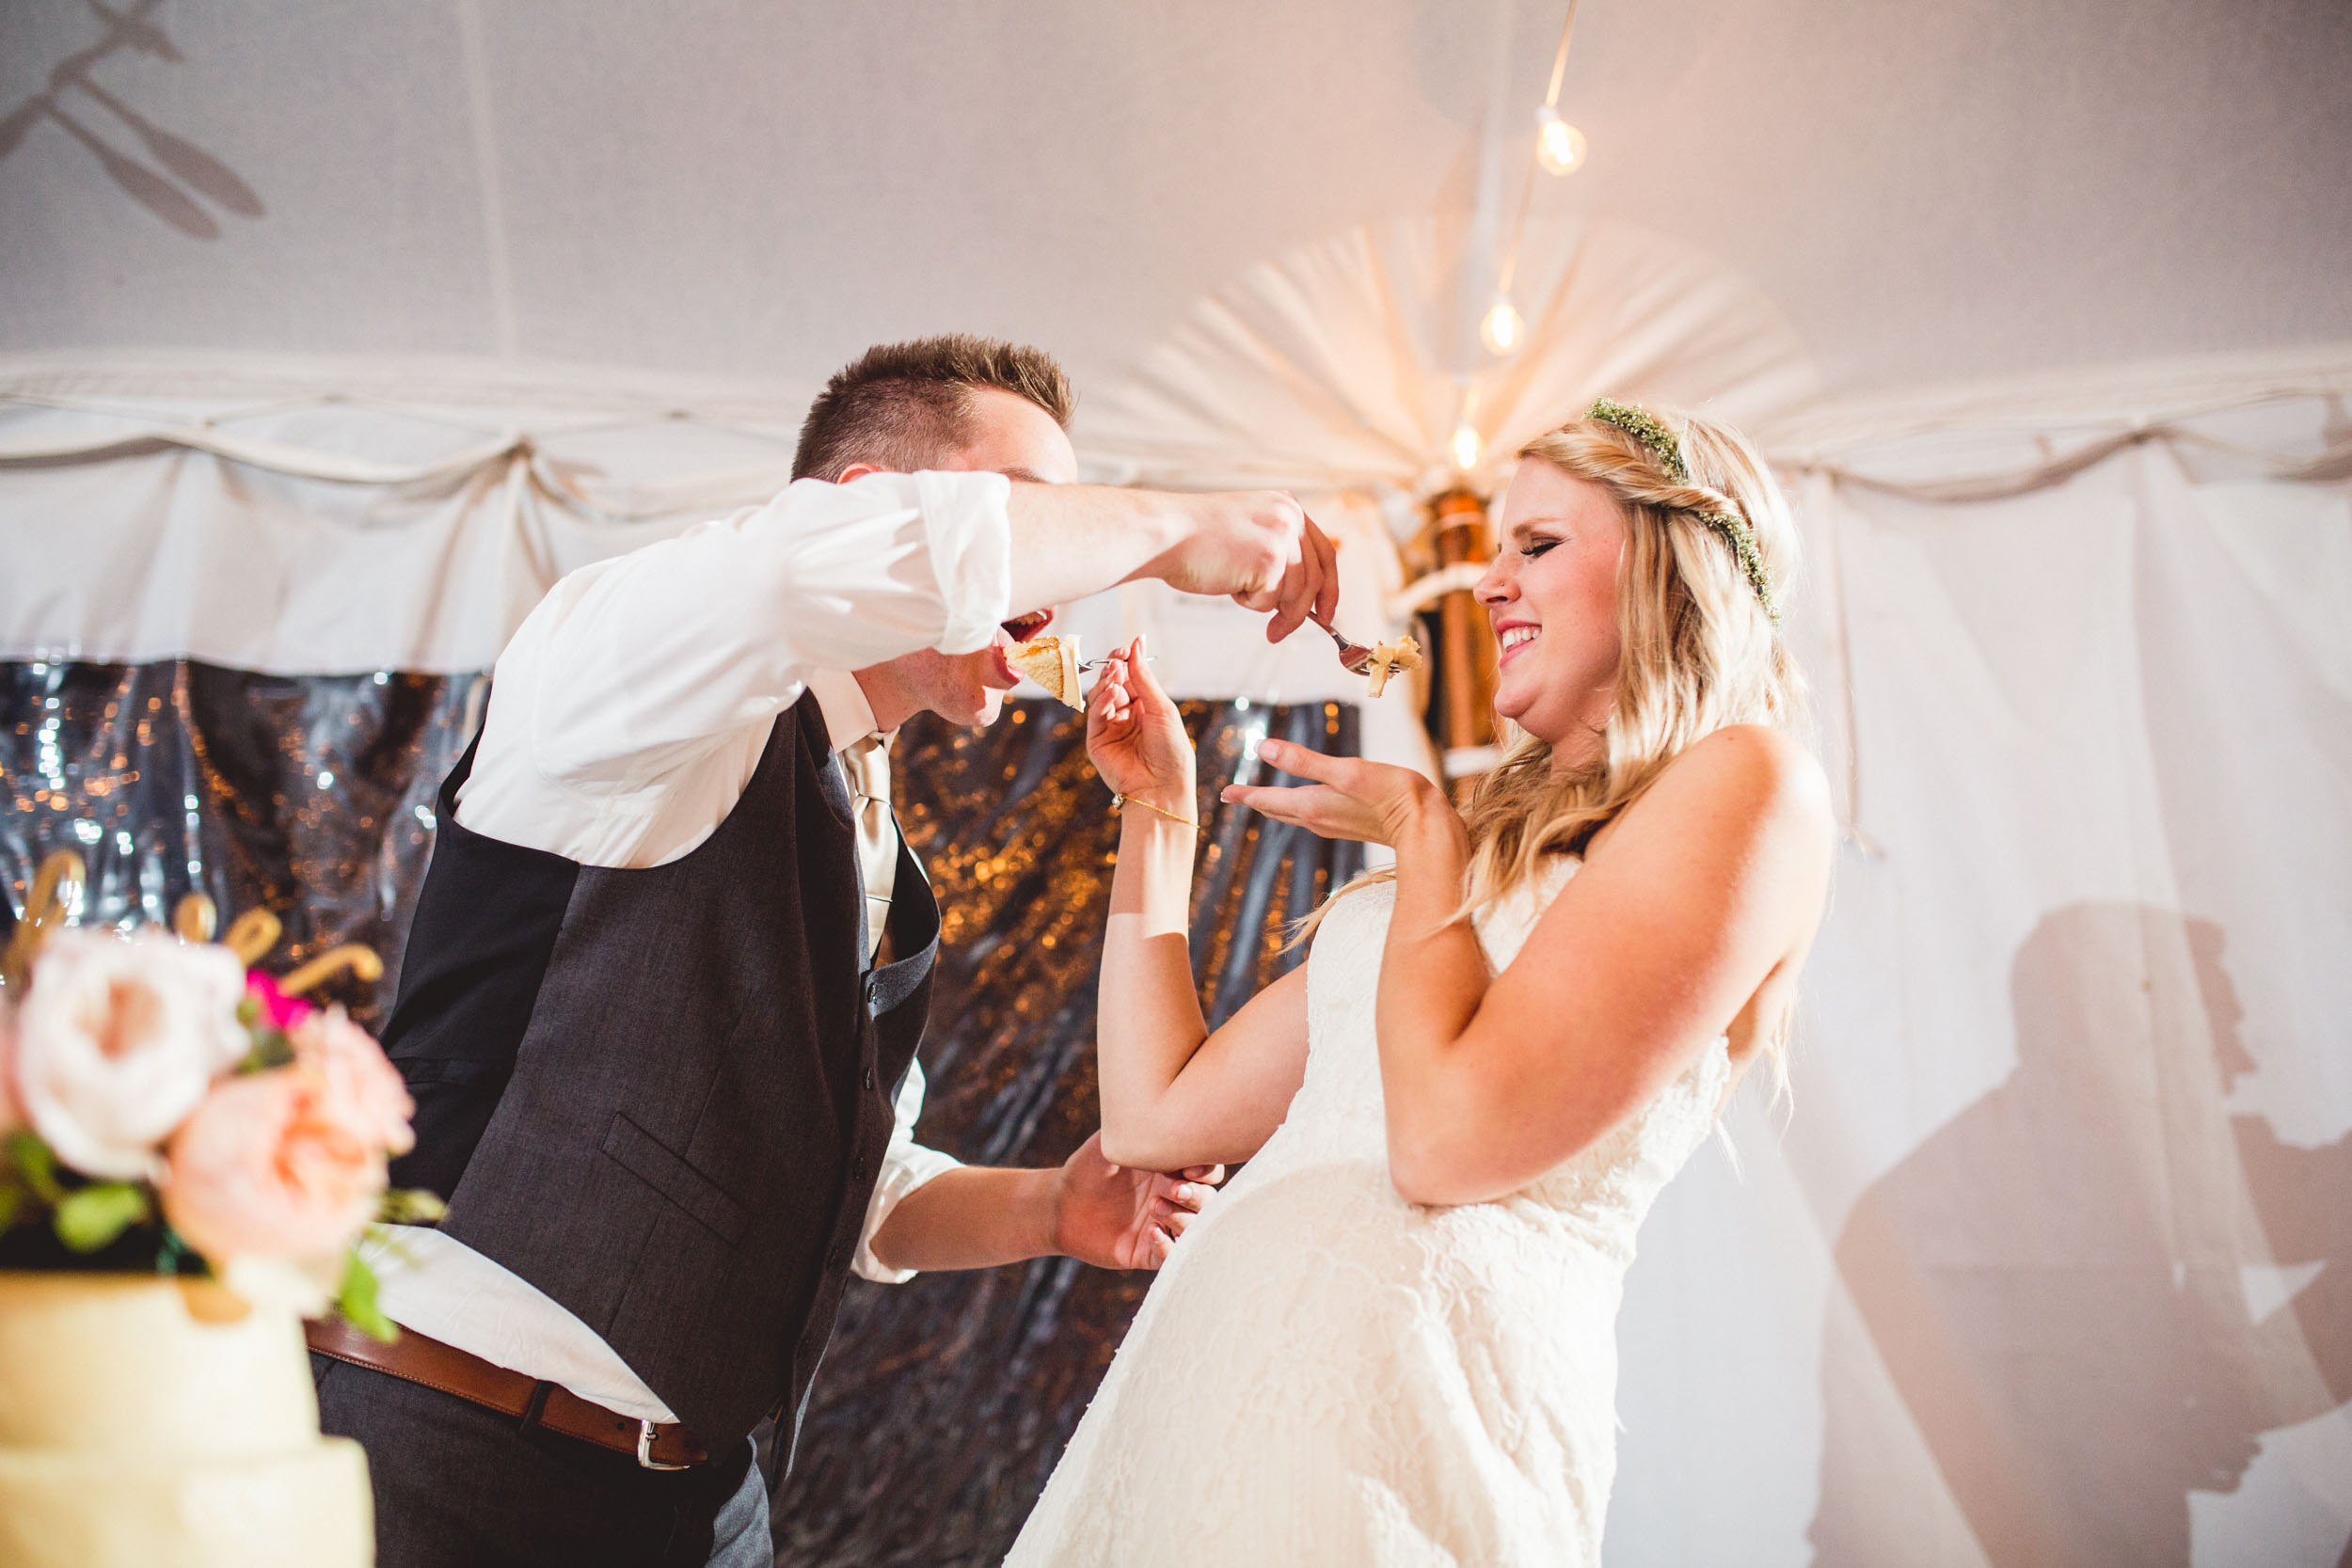 Morraine-Farm-Wedding-27.jpg